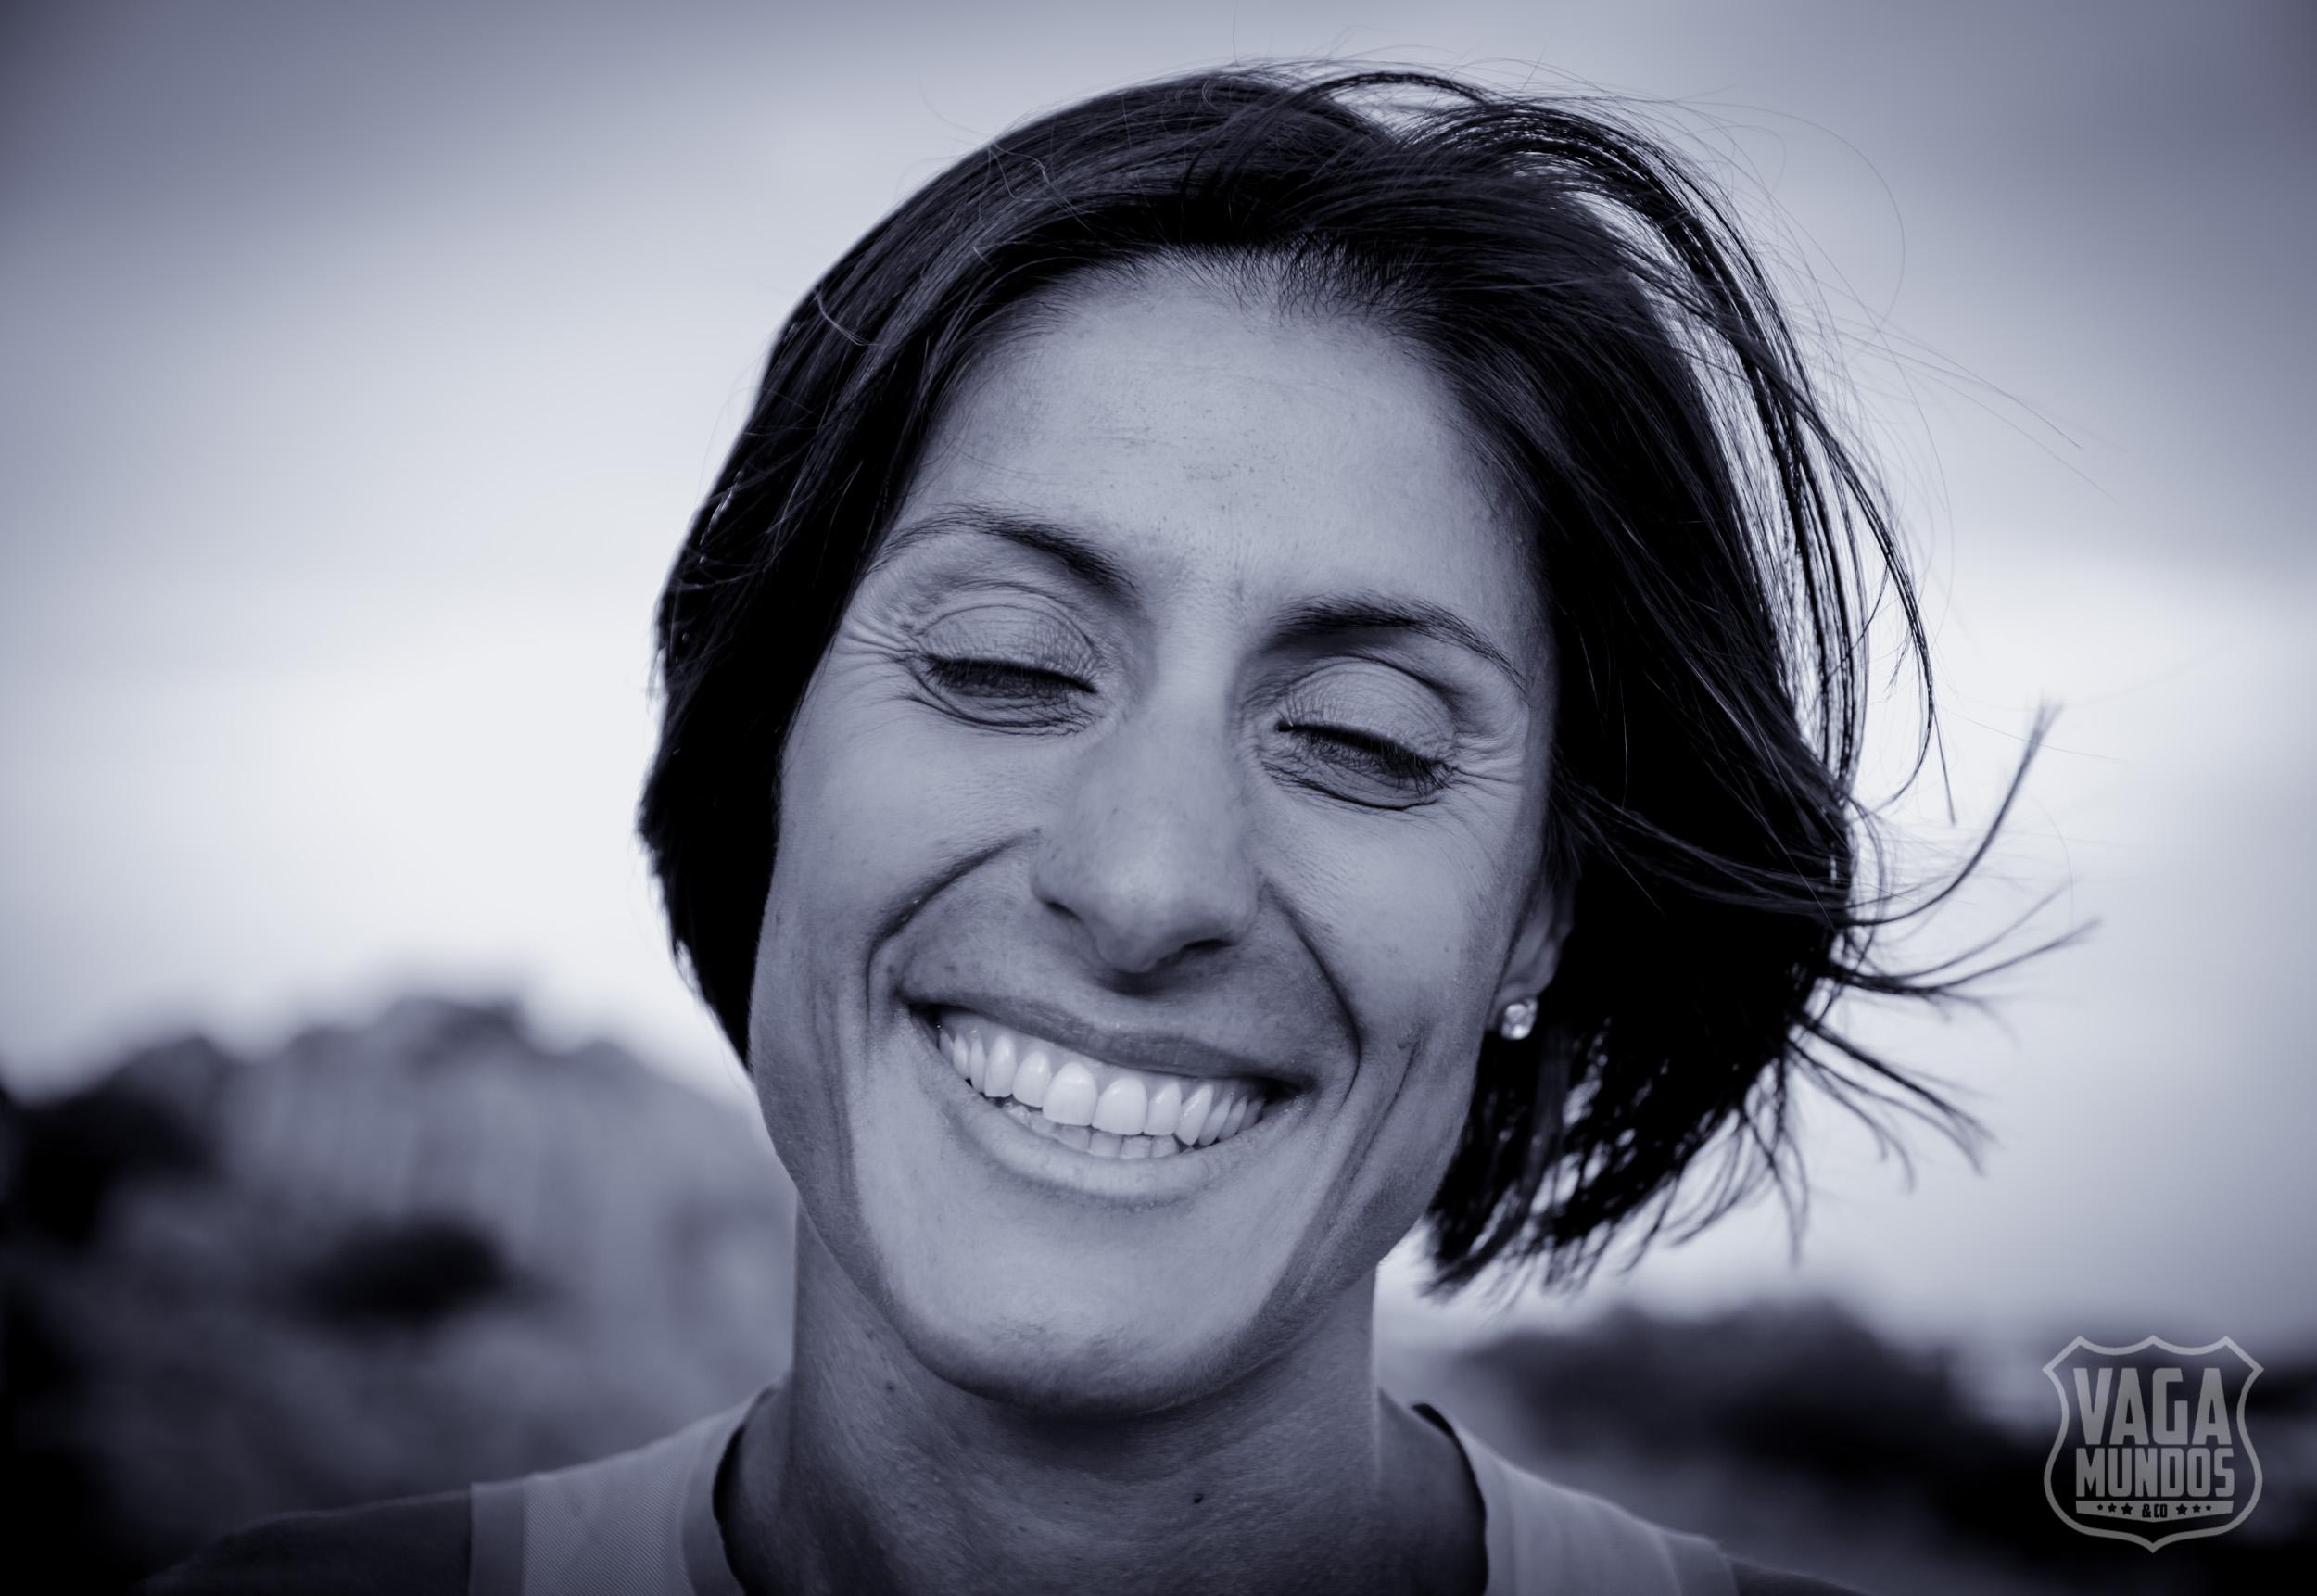 La sonrisa de Alessandra | Fernando R. Ortega | Vagamundos